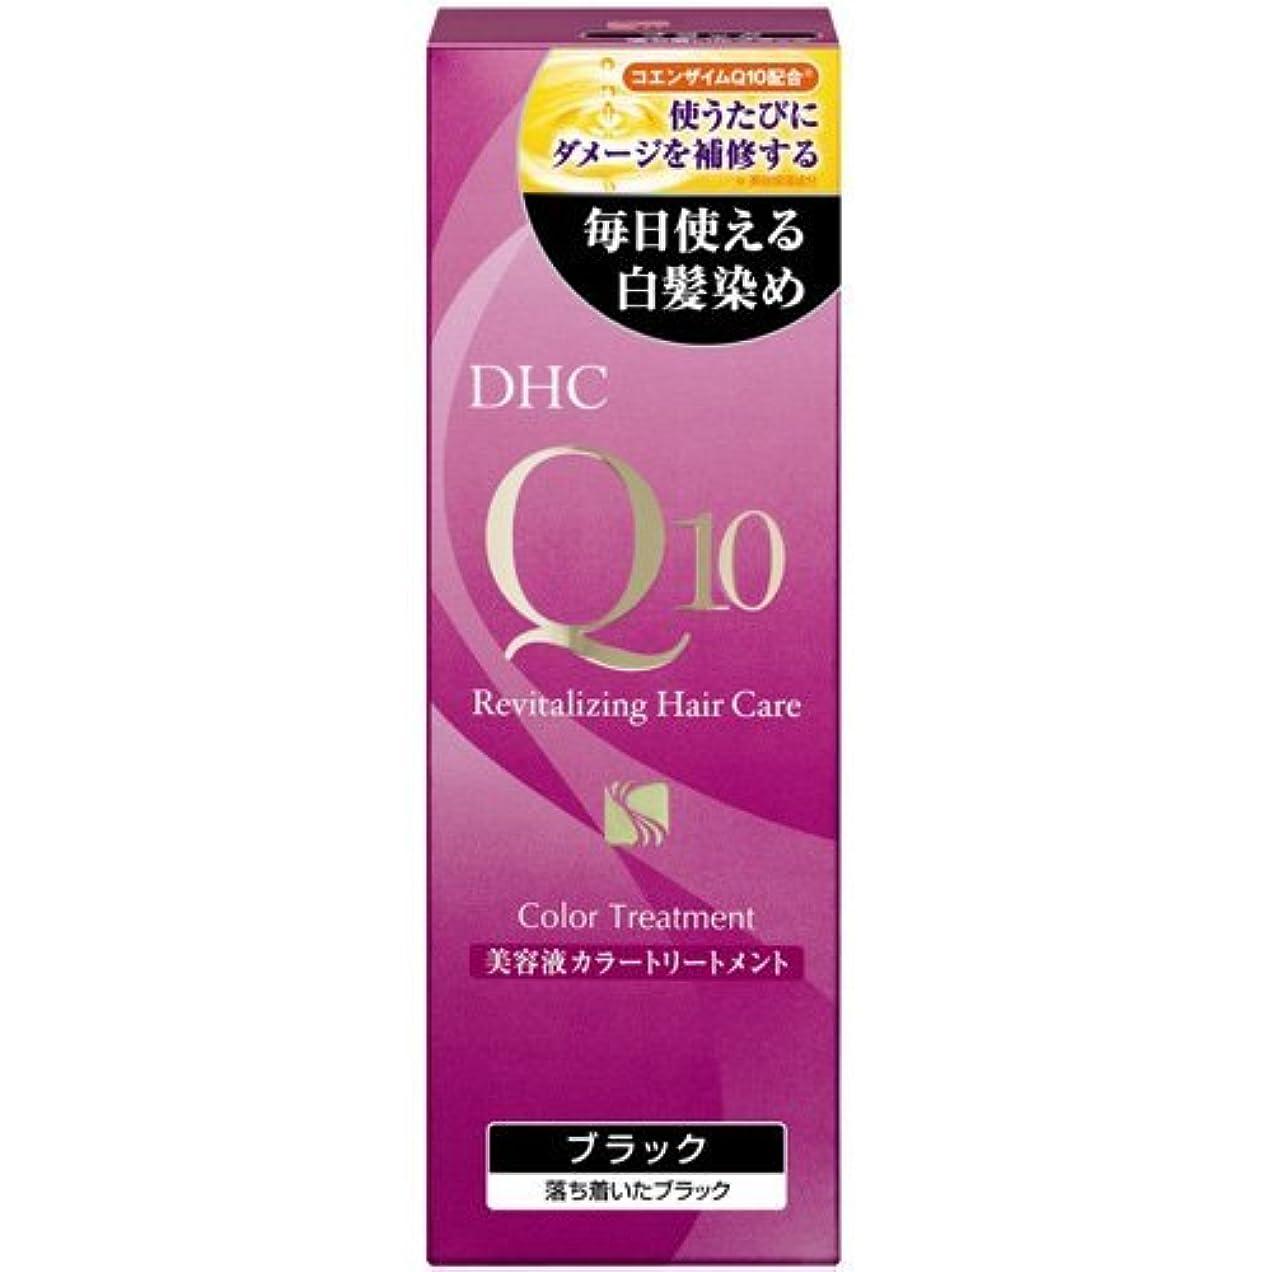 【まとめ買い】DHC Q10美溶液カラートリートメントブラックSS170g ×10個